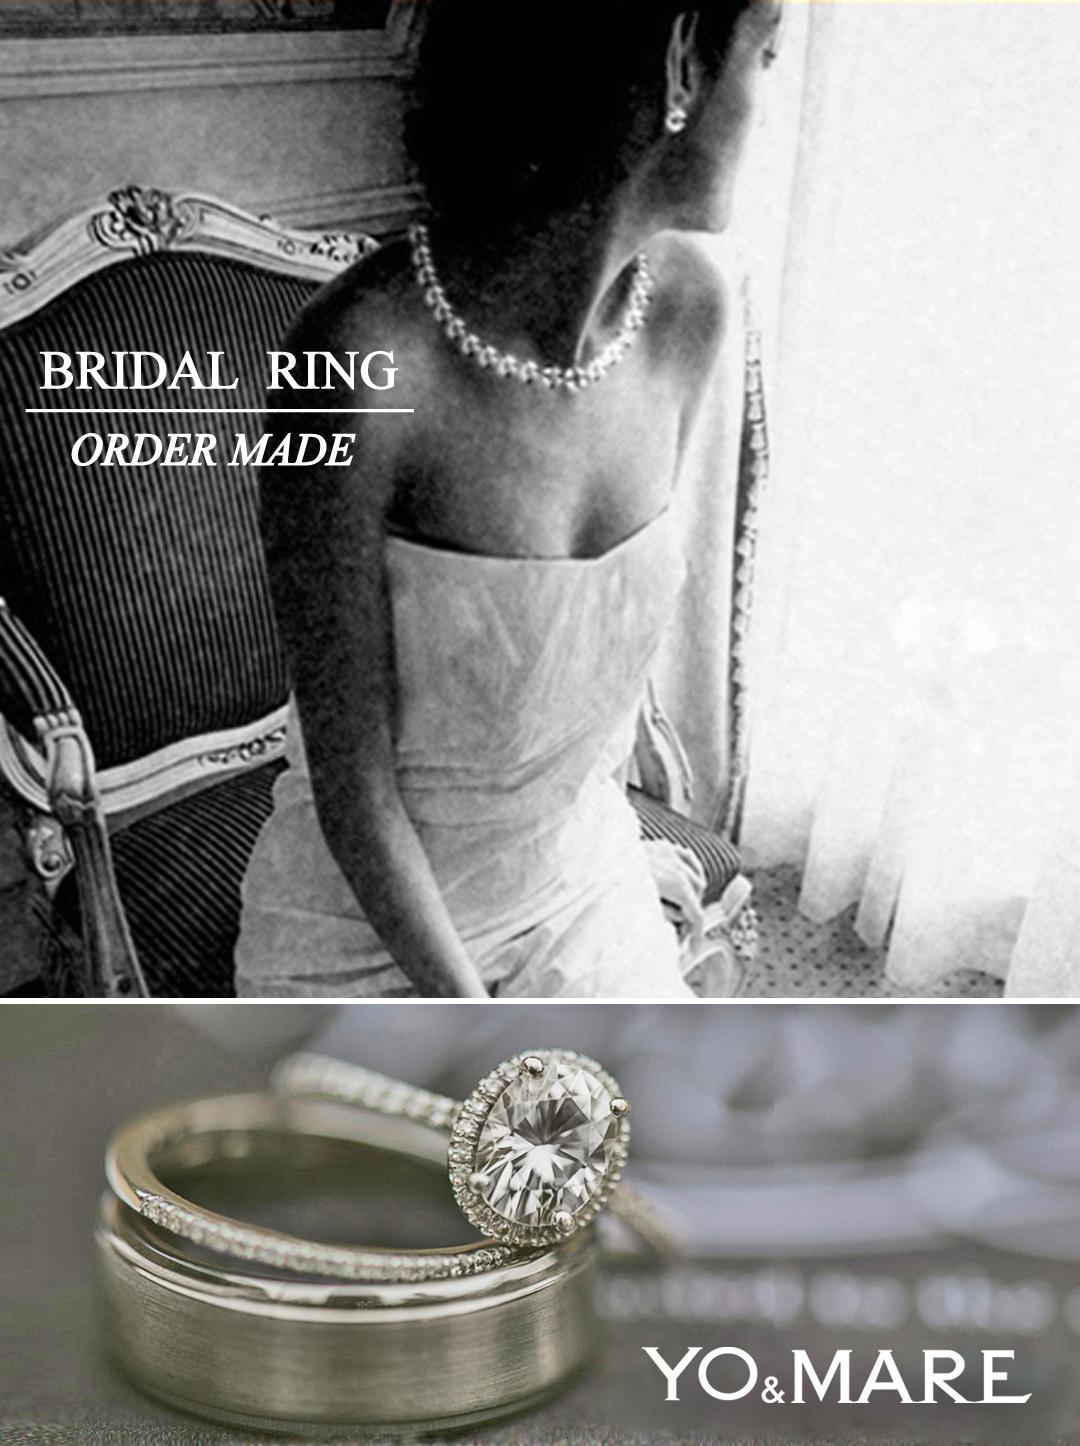 千葉 柏で結婚指輪・婚約指輪を個性的にオーダーメイドデザインするヨーアンドマーレのコンセプト